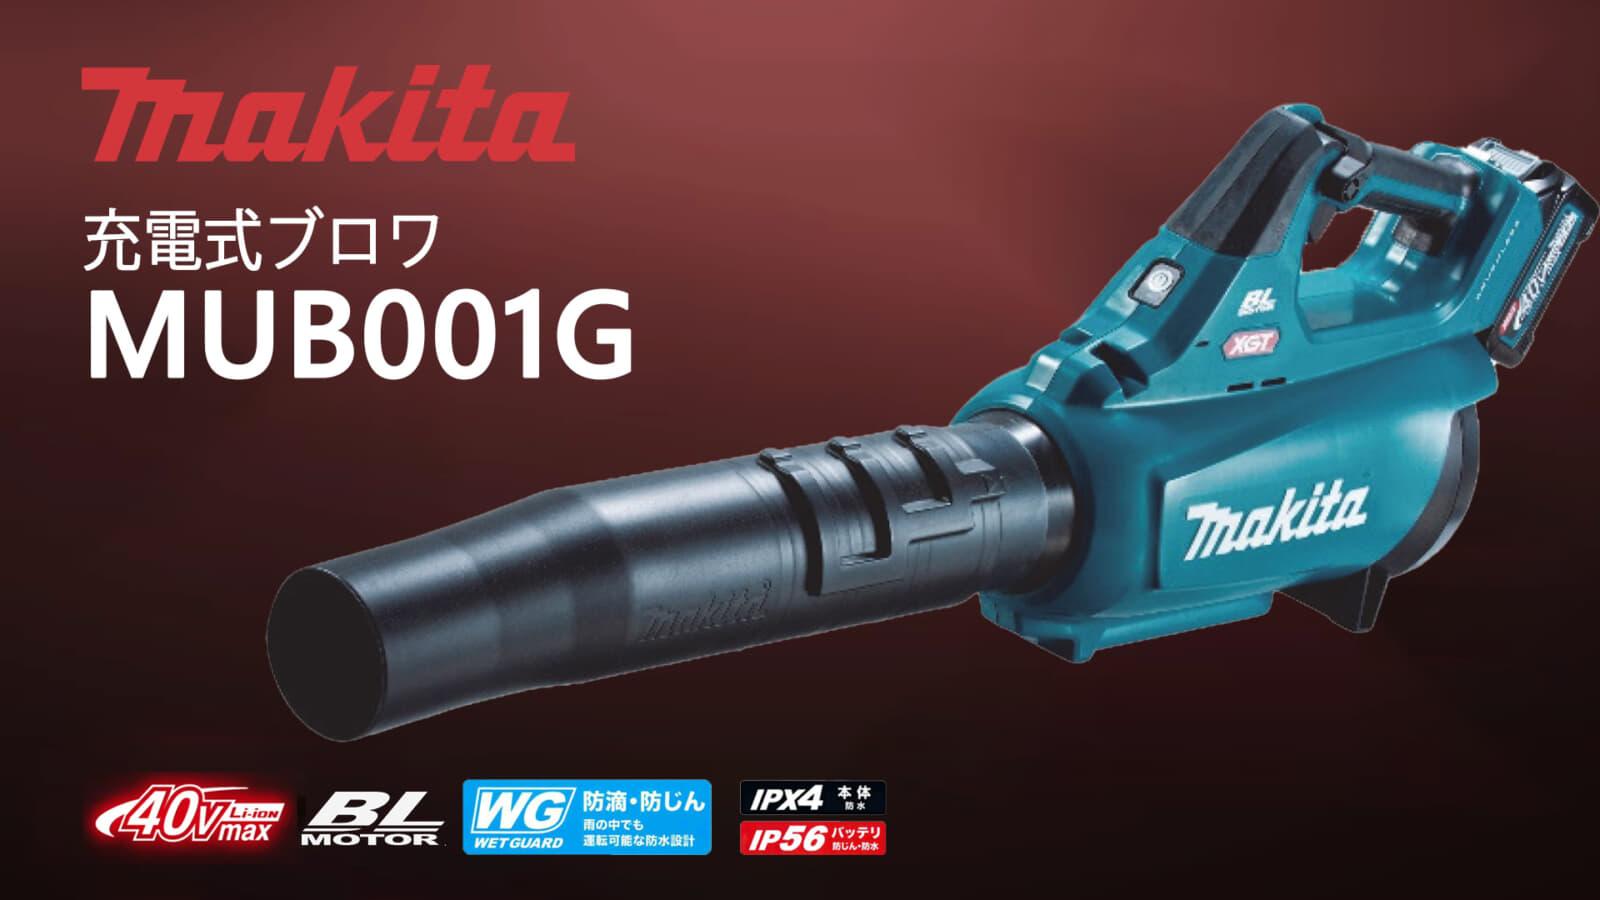 マキタ MUB001G 充電式ブロワが発売、40Vmaxバッテリーでエンジン28mLクラス